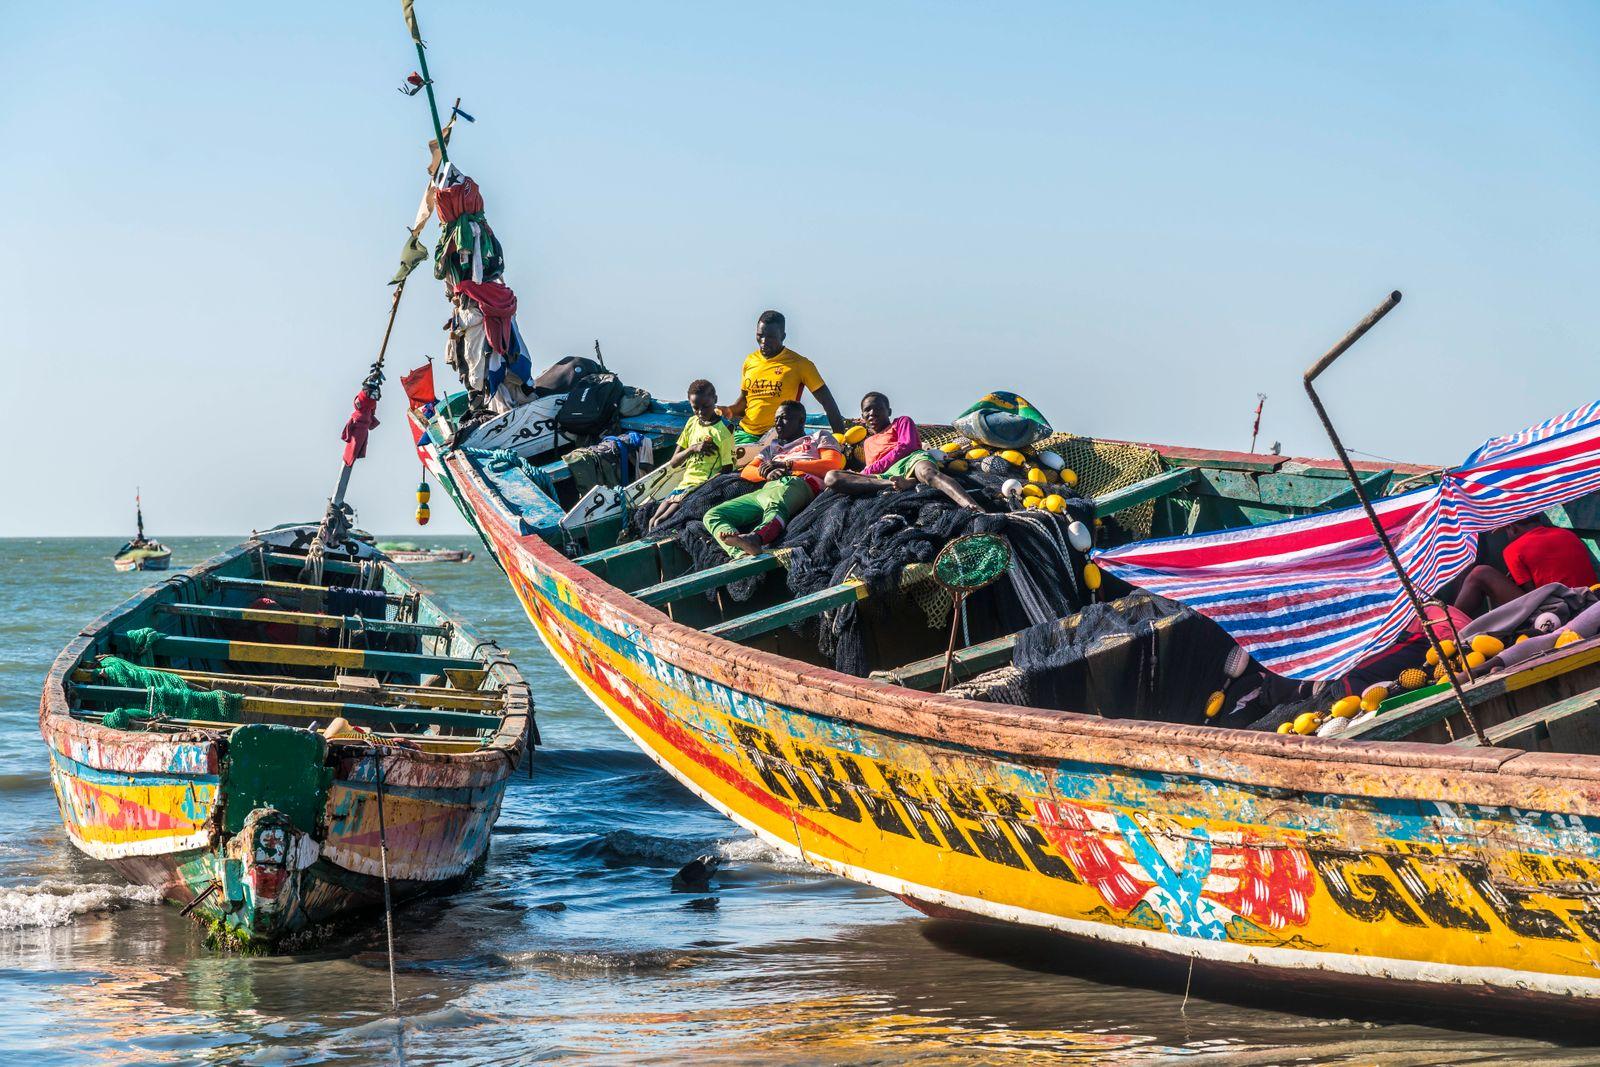 Fischerboot Fischerboot mit fischern in Tanji, Gambia, Westafrika fishermen on their boat, Tanji, Gambia, West Africa,